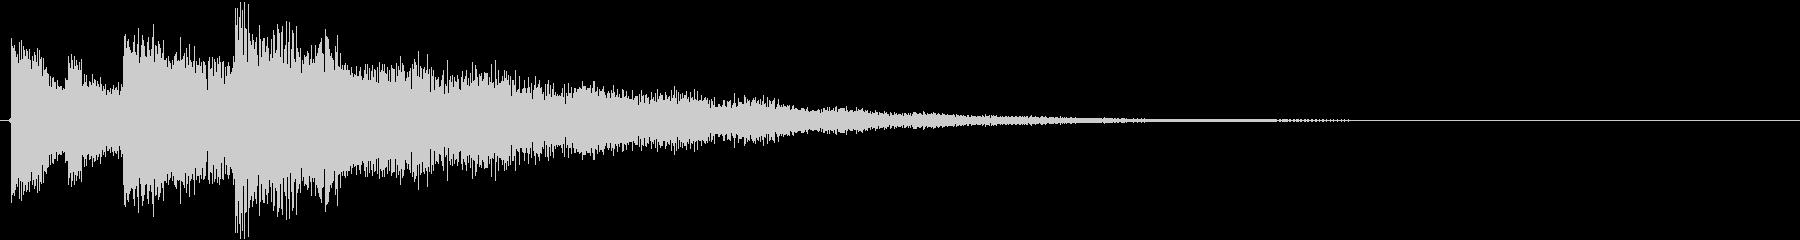 アプリゲームなどのお知らせ音、シンセ音の未再生の波形